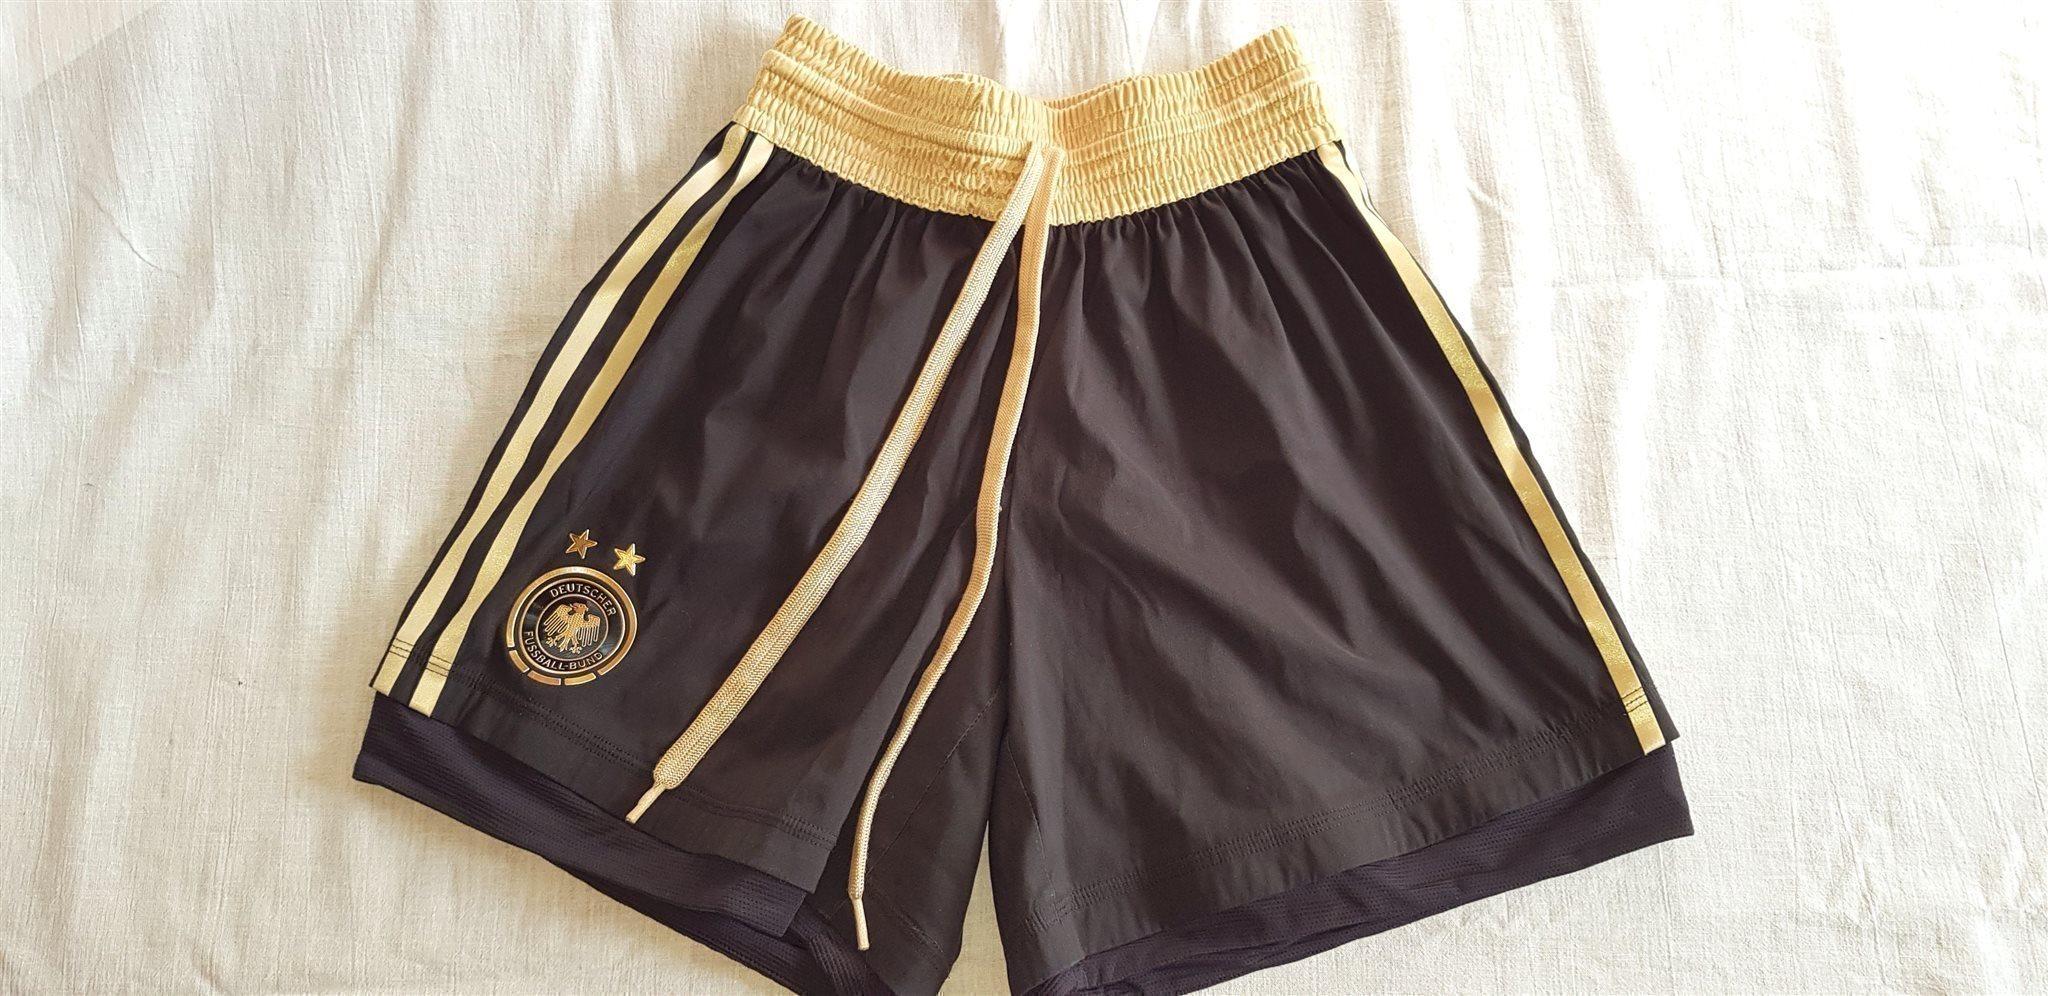 5d867d00 Barn Fotboll Kort byxor shorts TYSKLAND ADIDAS landslagskläder Officiella  7-9 år ...